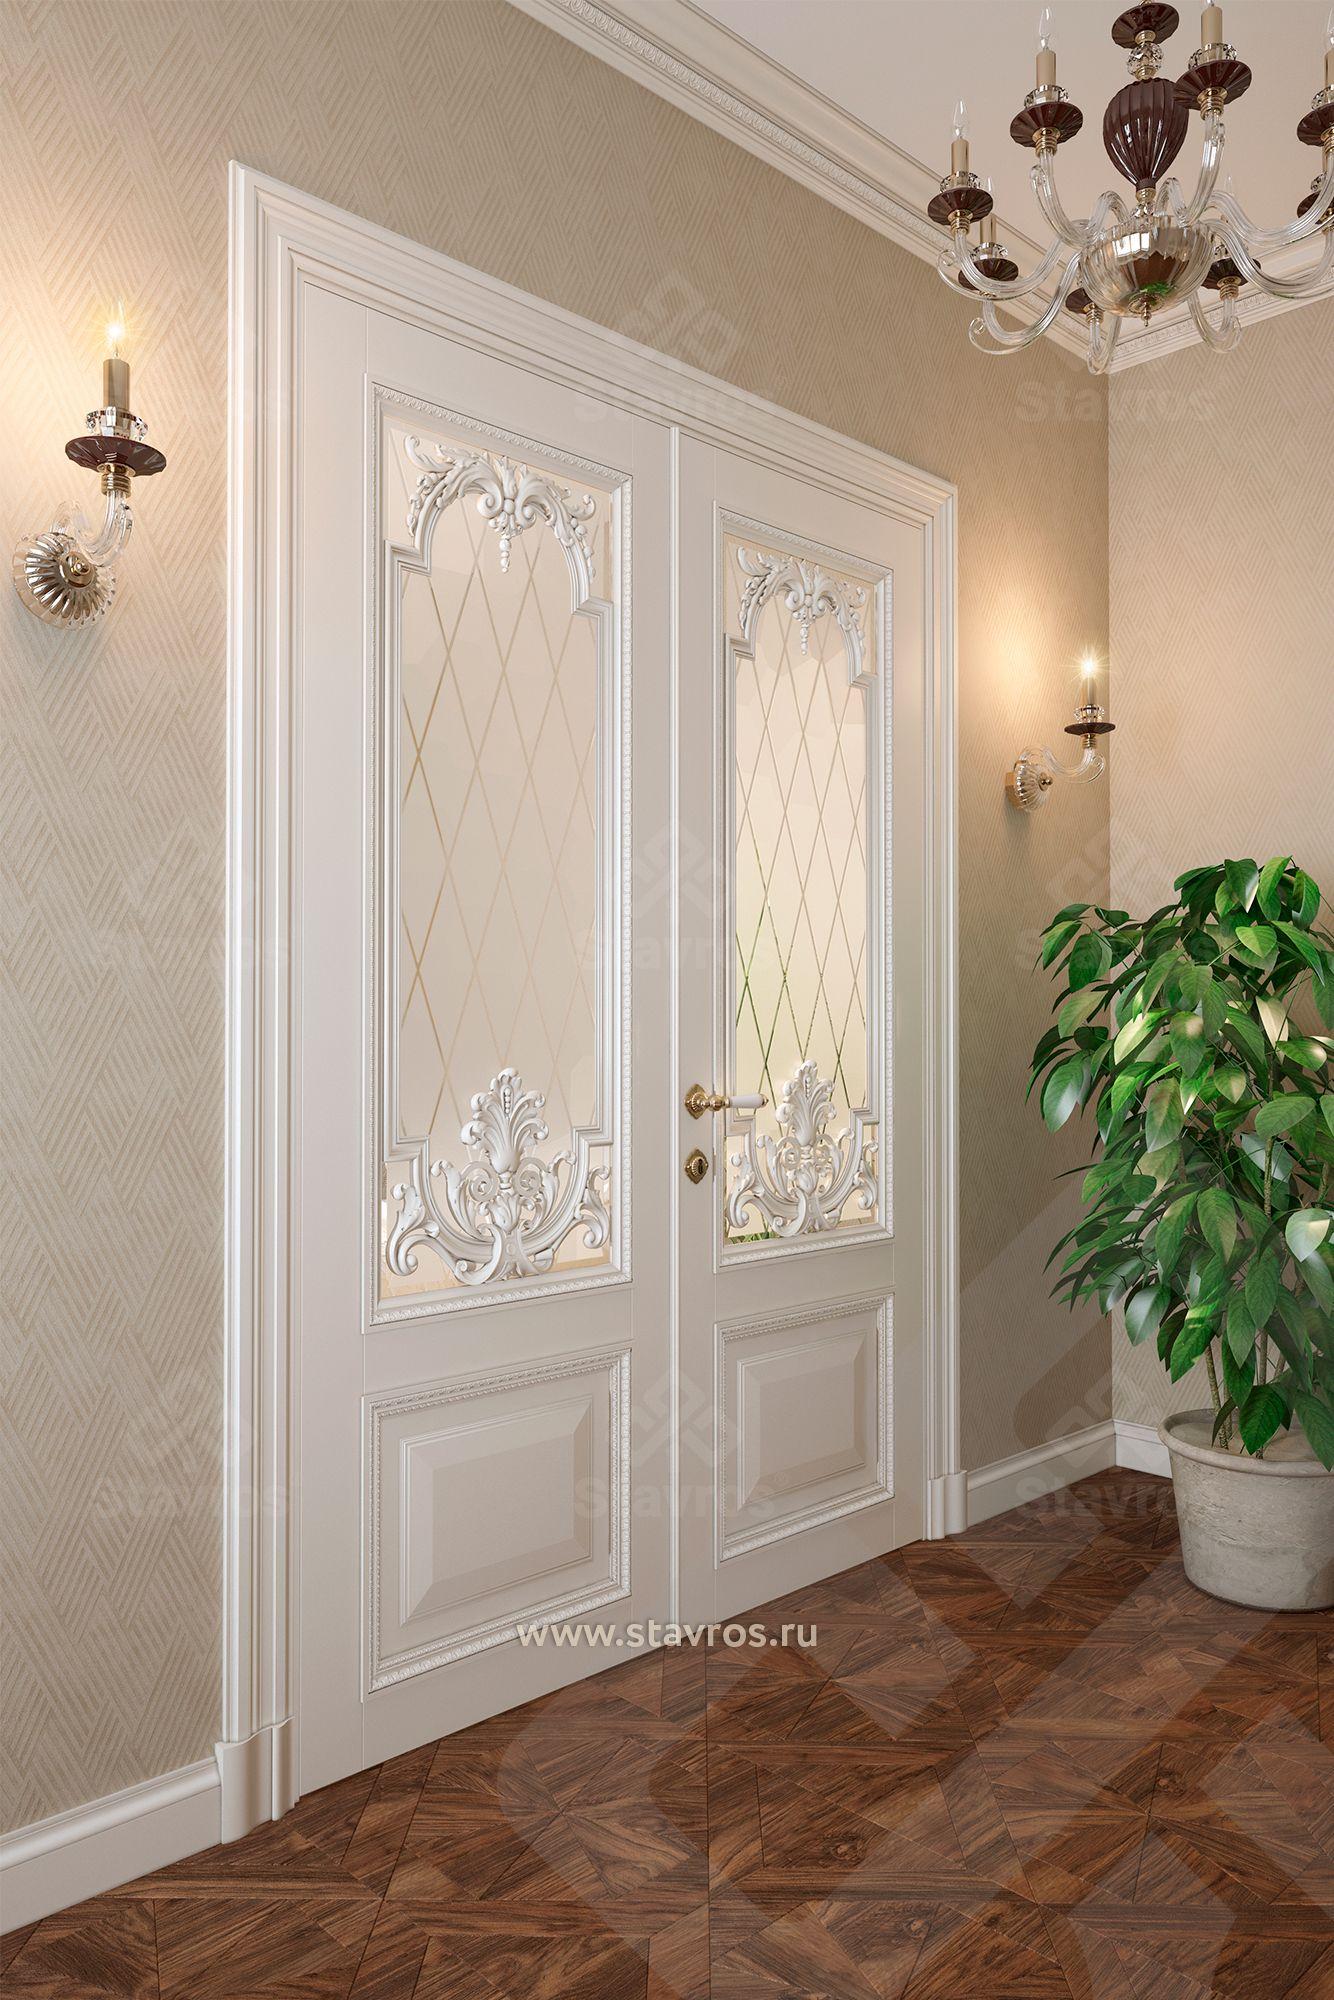 дизайн проект двустворчатые межкомнатные двери из массива